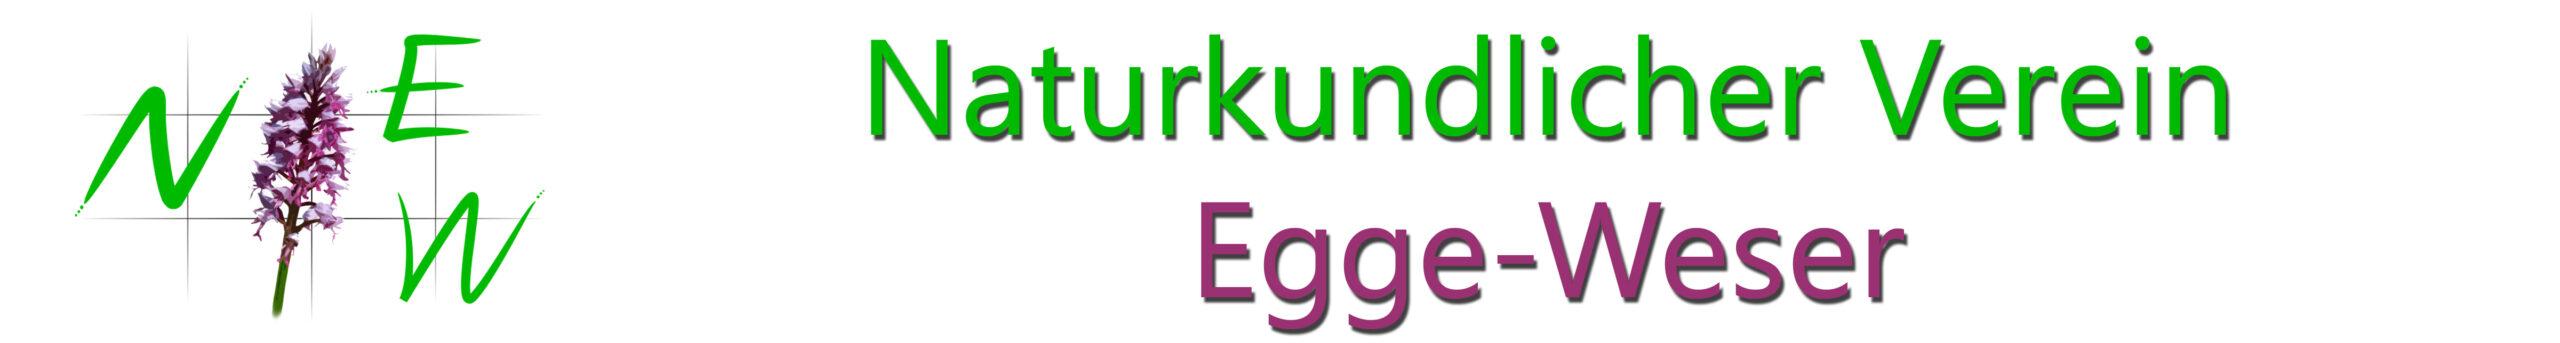 Naturkundlicher Verein Egge-Weser